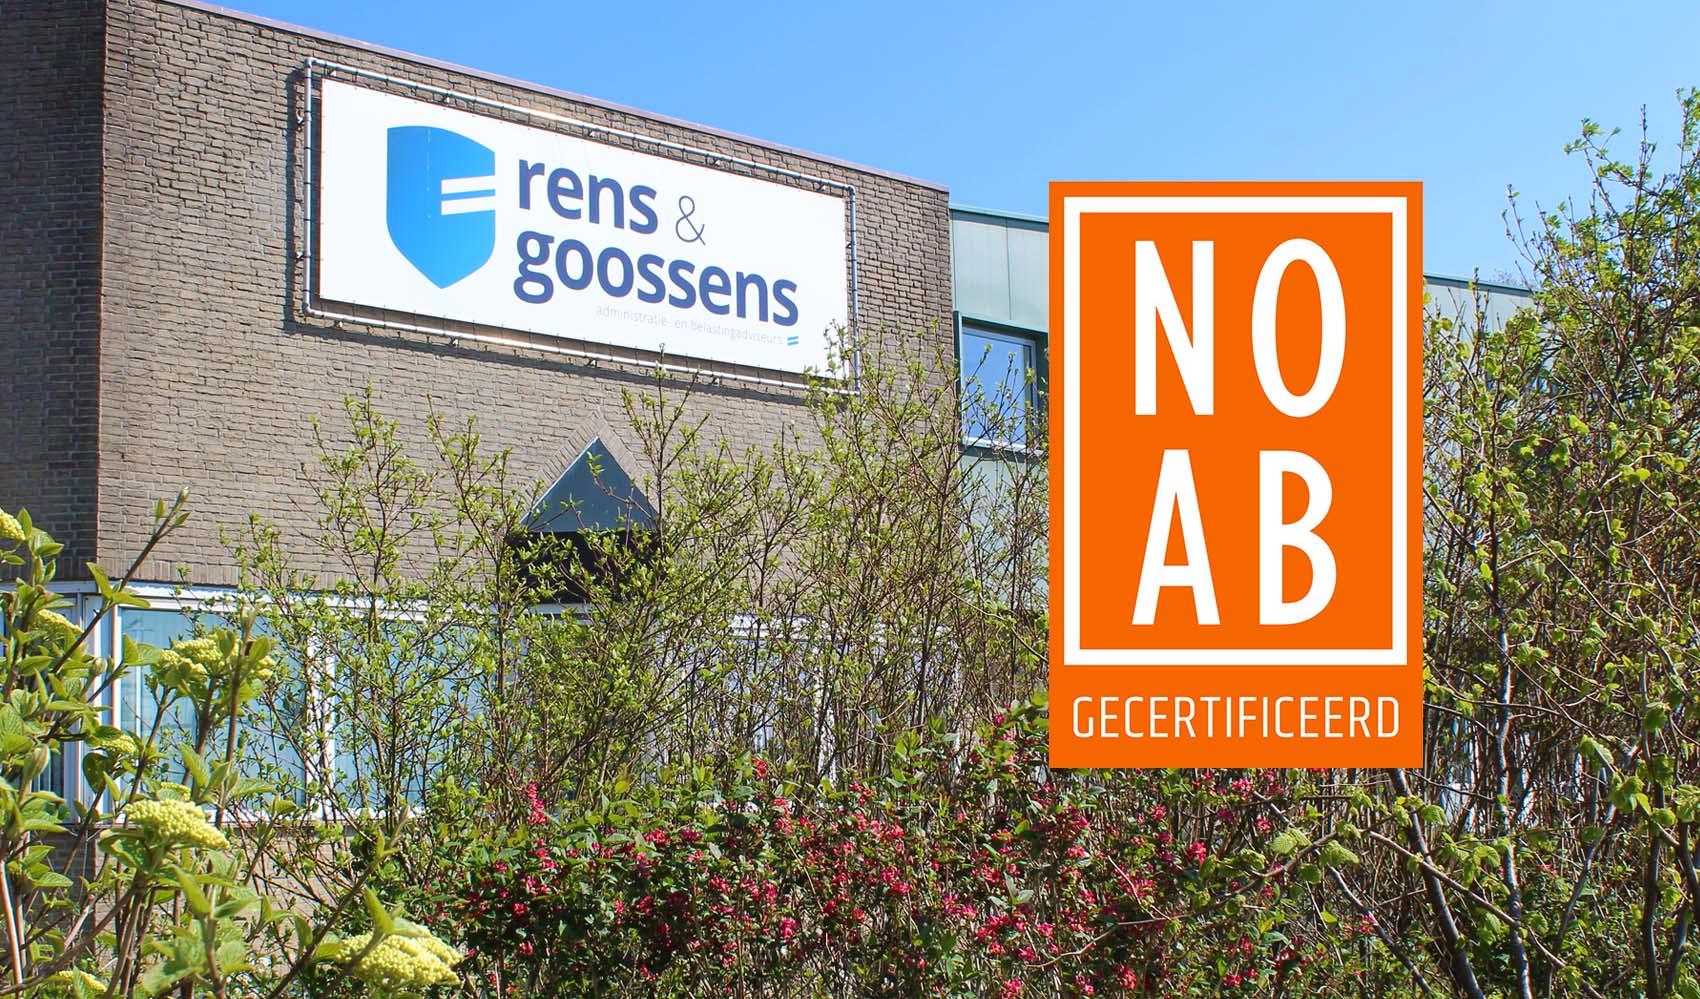 Rens & Goossens NOAB gecertificeerd administratiekantoor in Bergen op Zoom